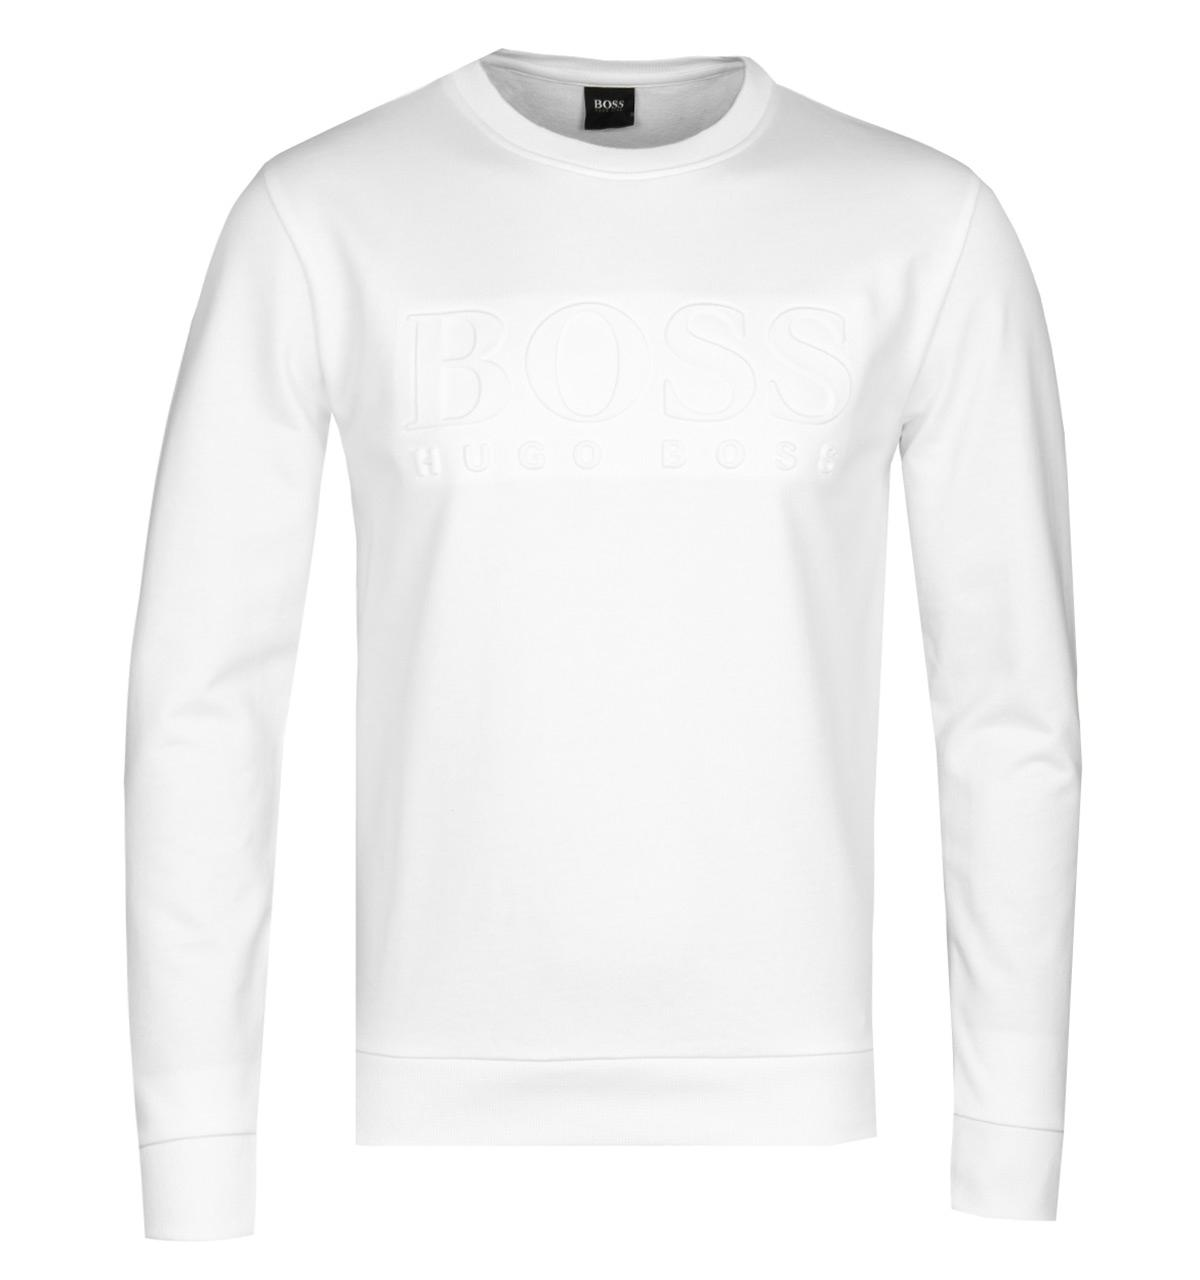 hugo boss heritage sweatshirt